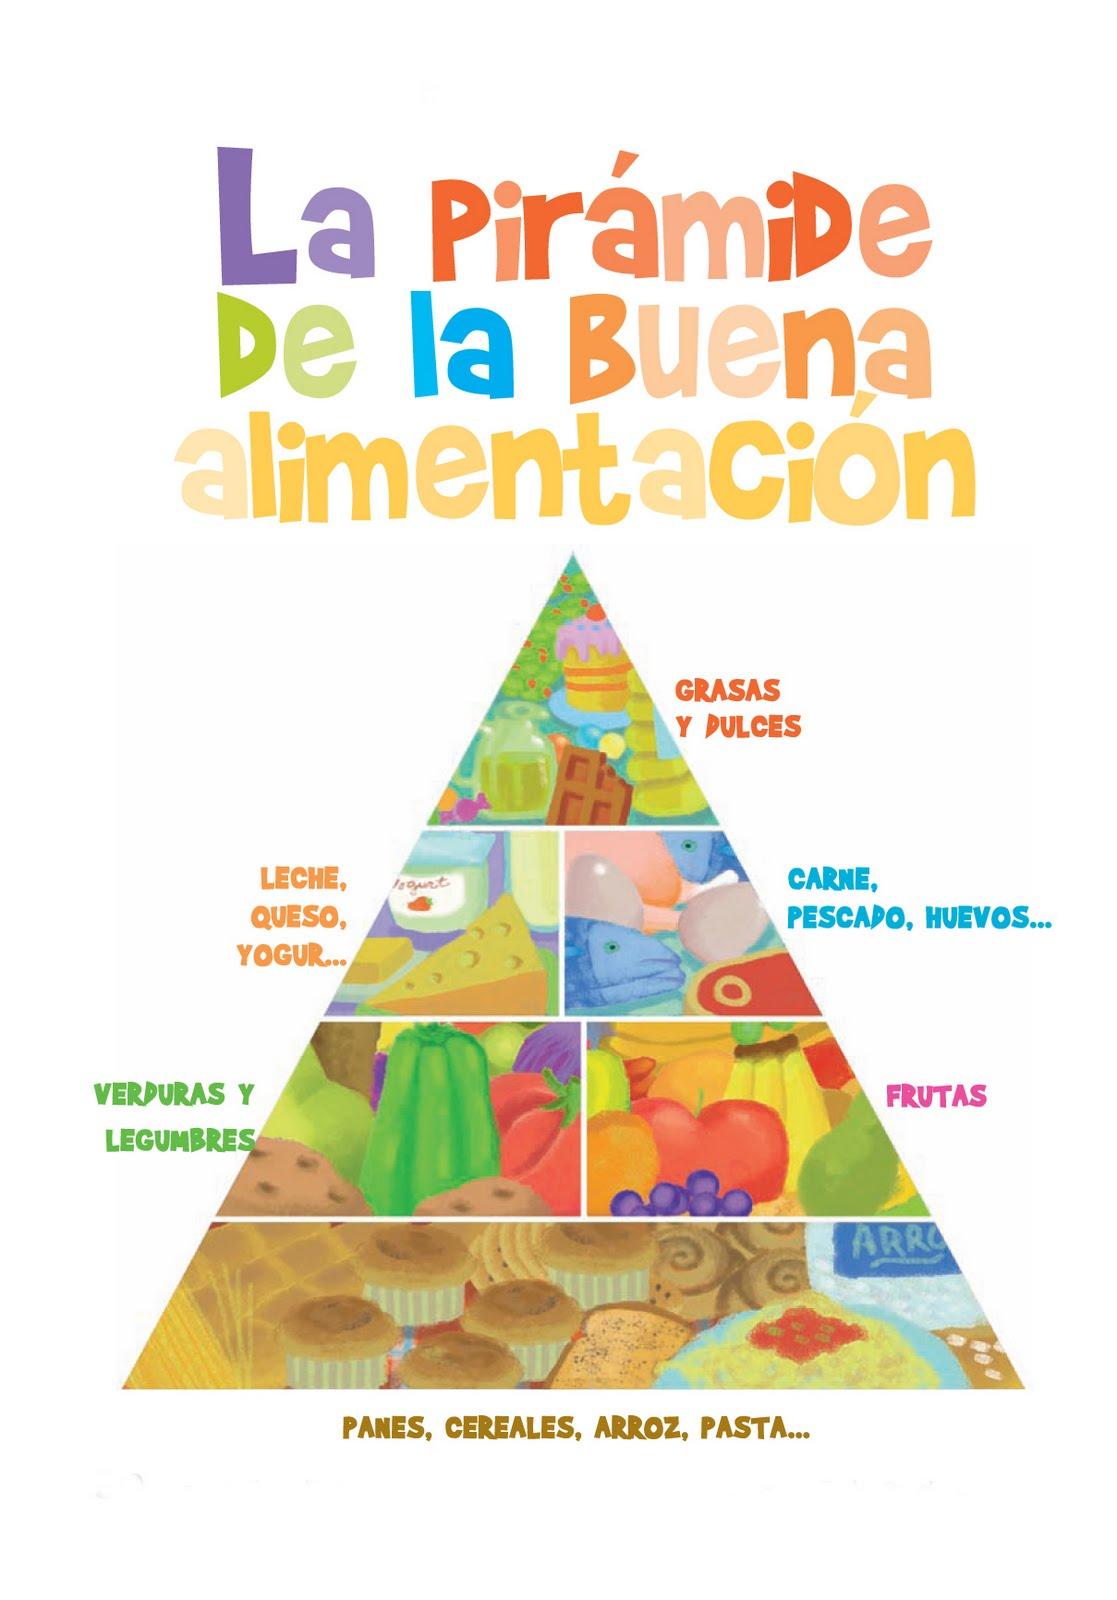 Educa en la cocina pir mide de alimentos for La cocina de los alimentos pdf